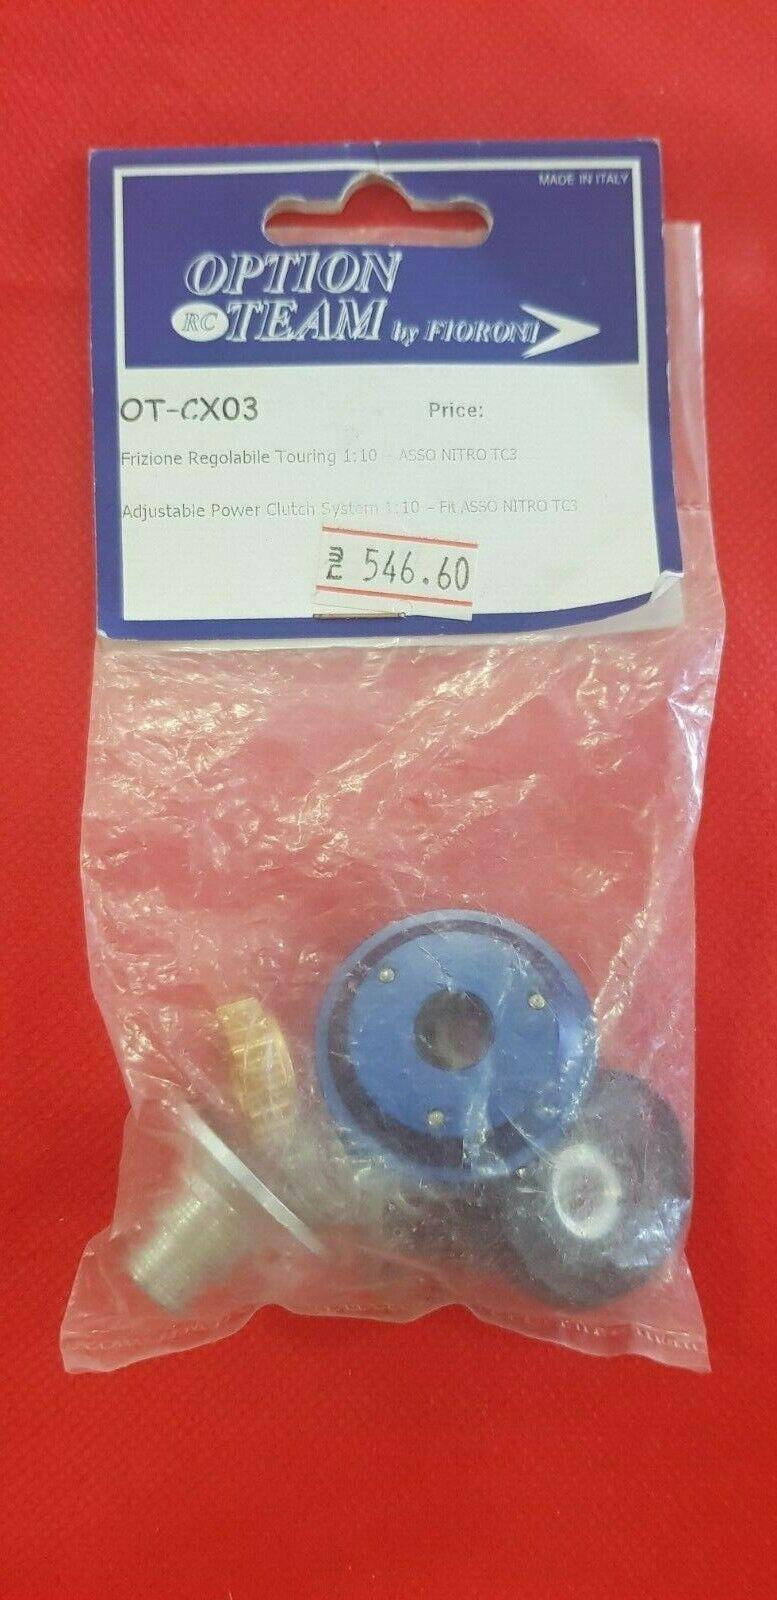 Fioroni Adjustable energia Clutch  system 1 10 nitro on strada Associated TC3-OT-CX03  vendite dirette della fabbrica